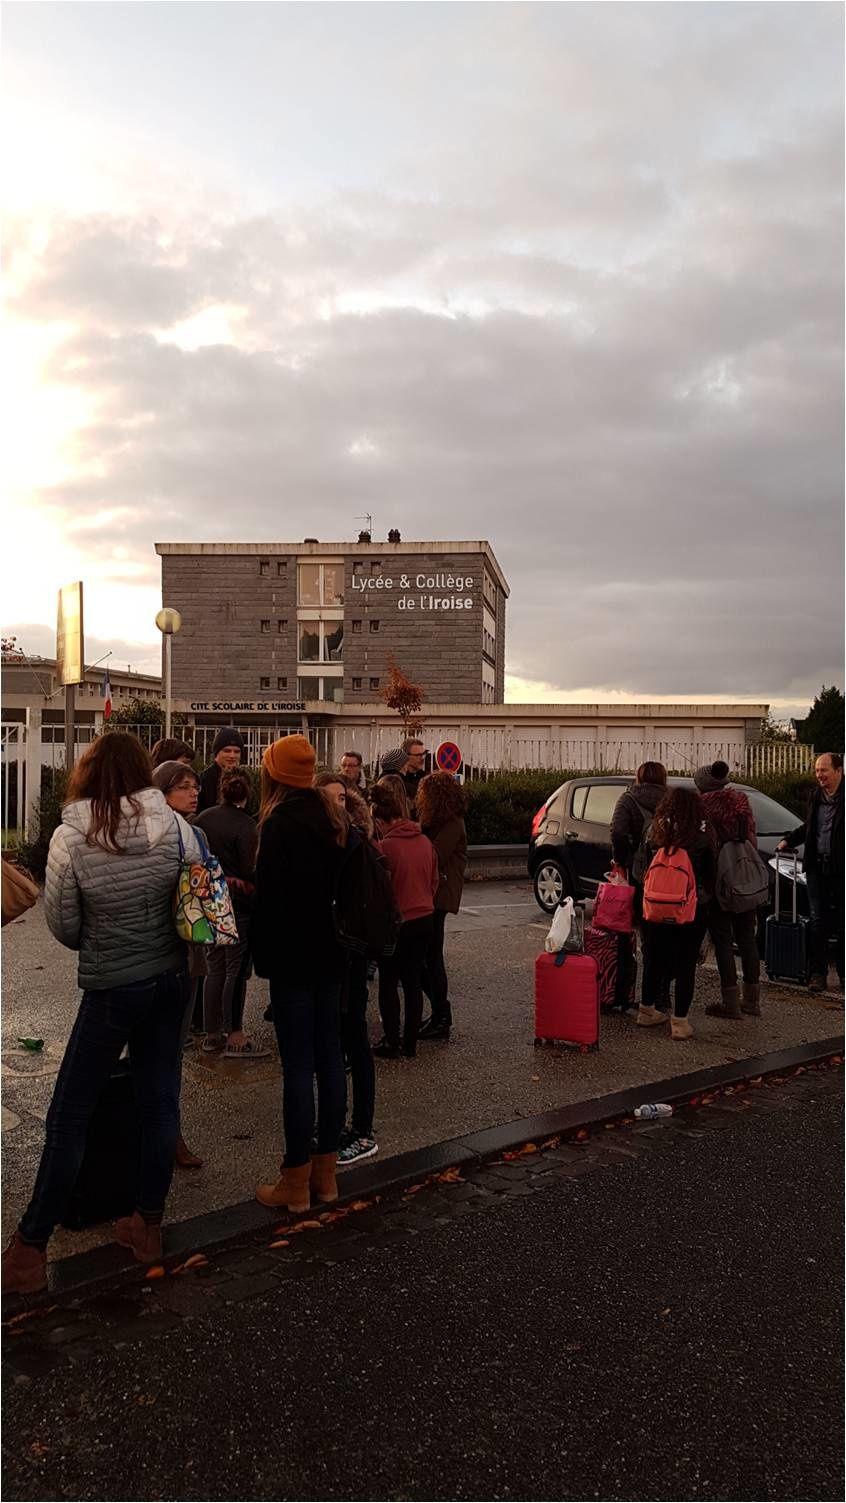 Voyage des Italiens à Brest - Jour 6 : So long, Italians